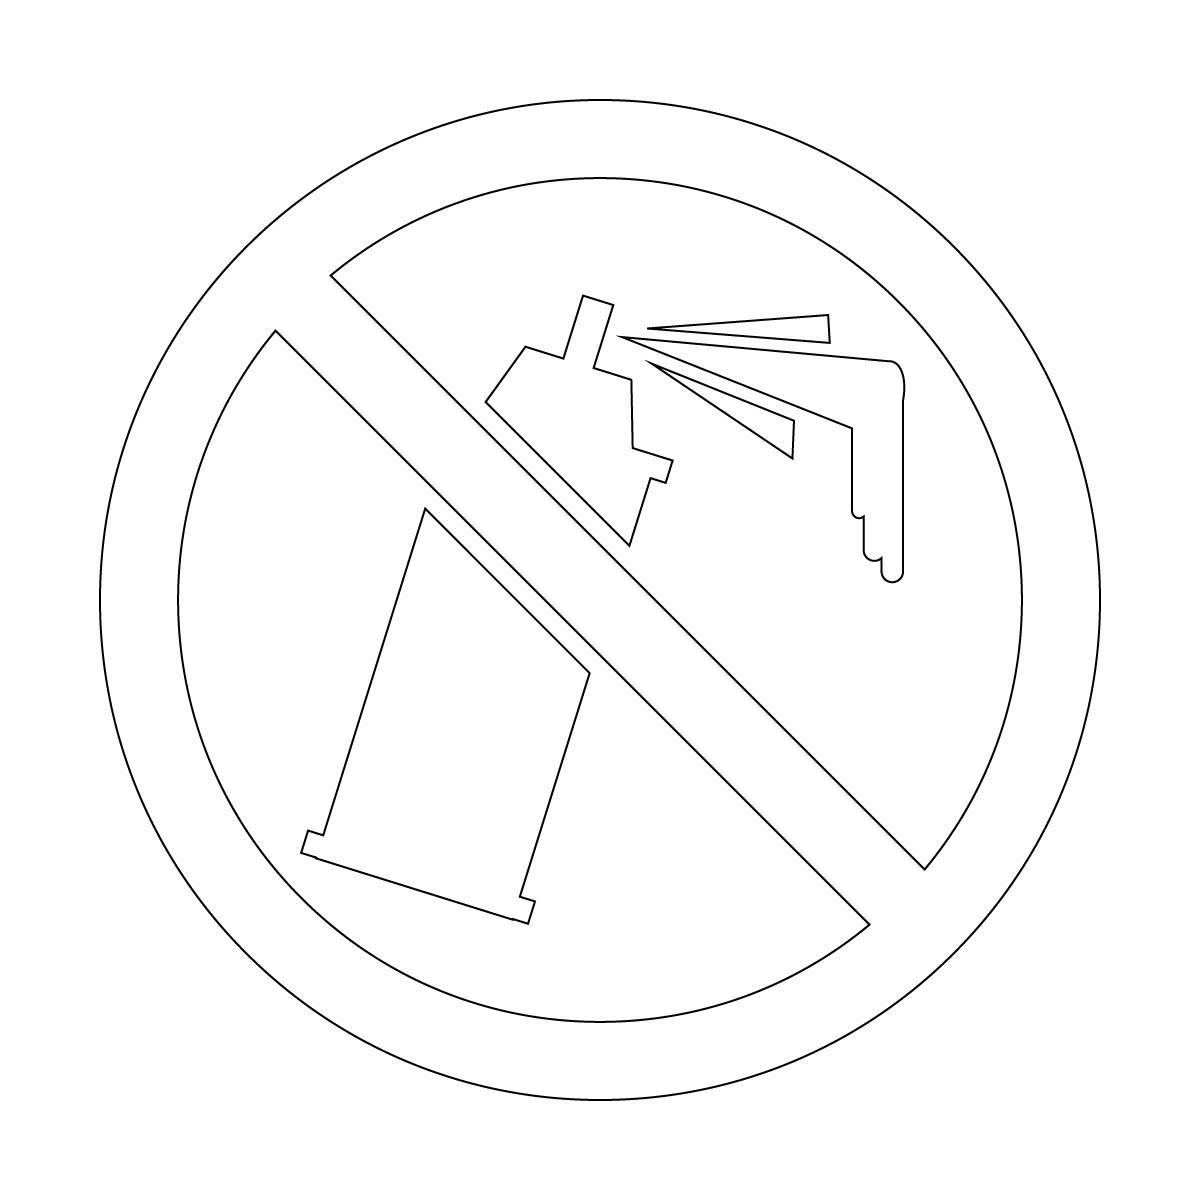 白色の落書き・スプレー缶禁止マークのカッティングステッカー・シール 光沢タイプ・防水・耐水・屋外耐候3~4年